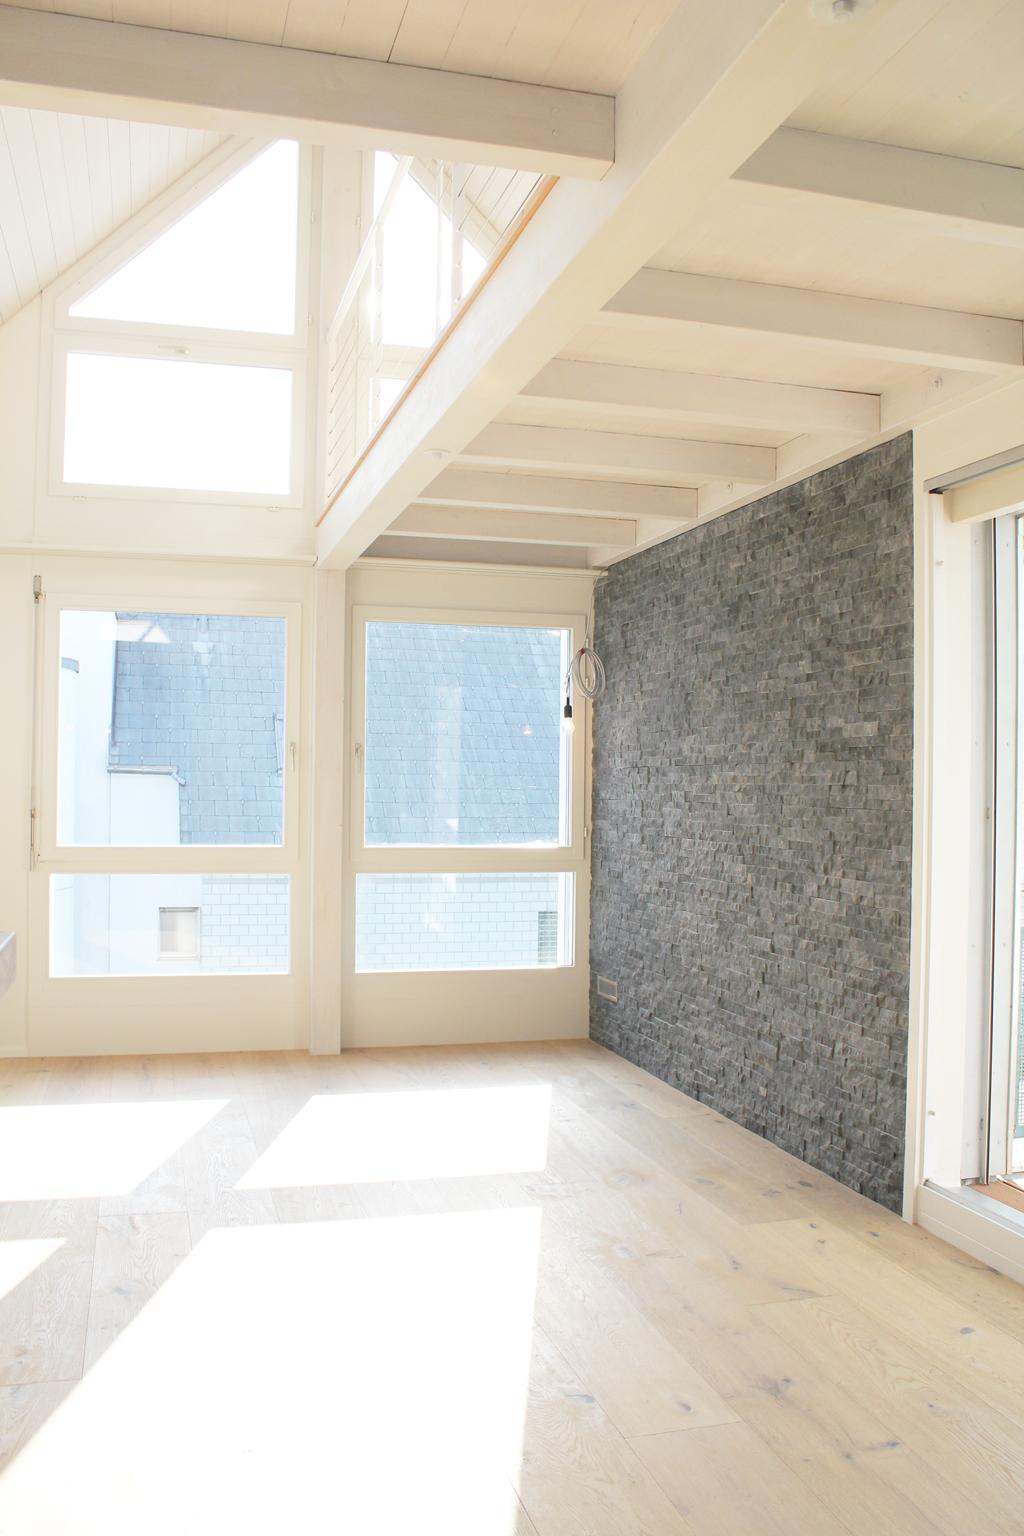 Umbau dachwohnung cham loftworks architecture l for Innenarchitektur cham